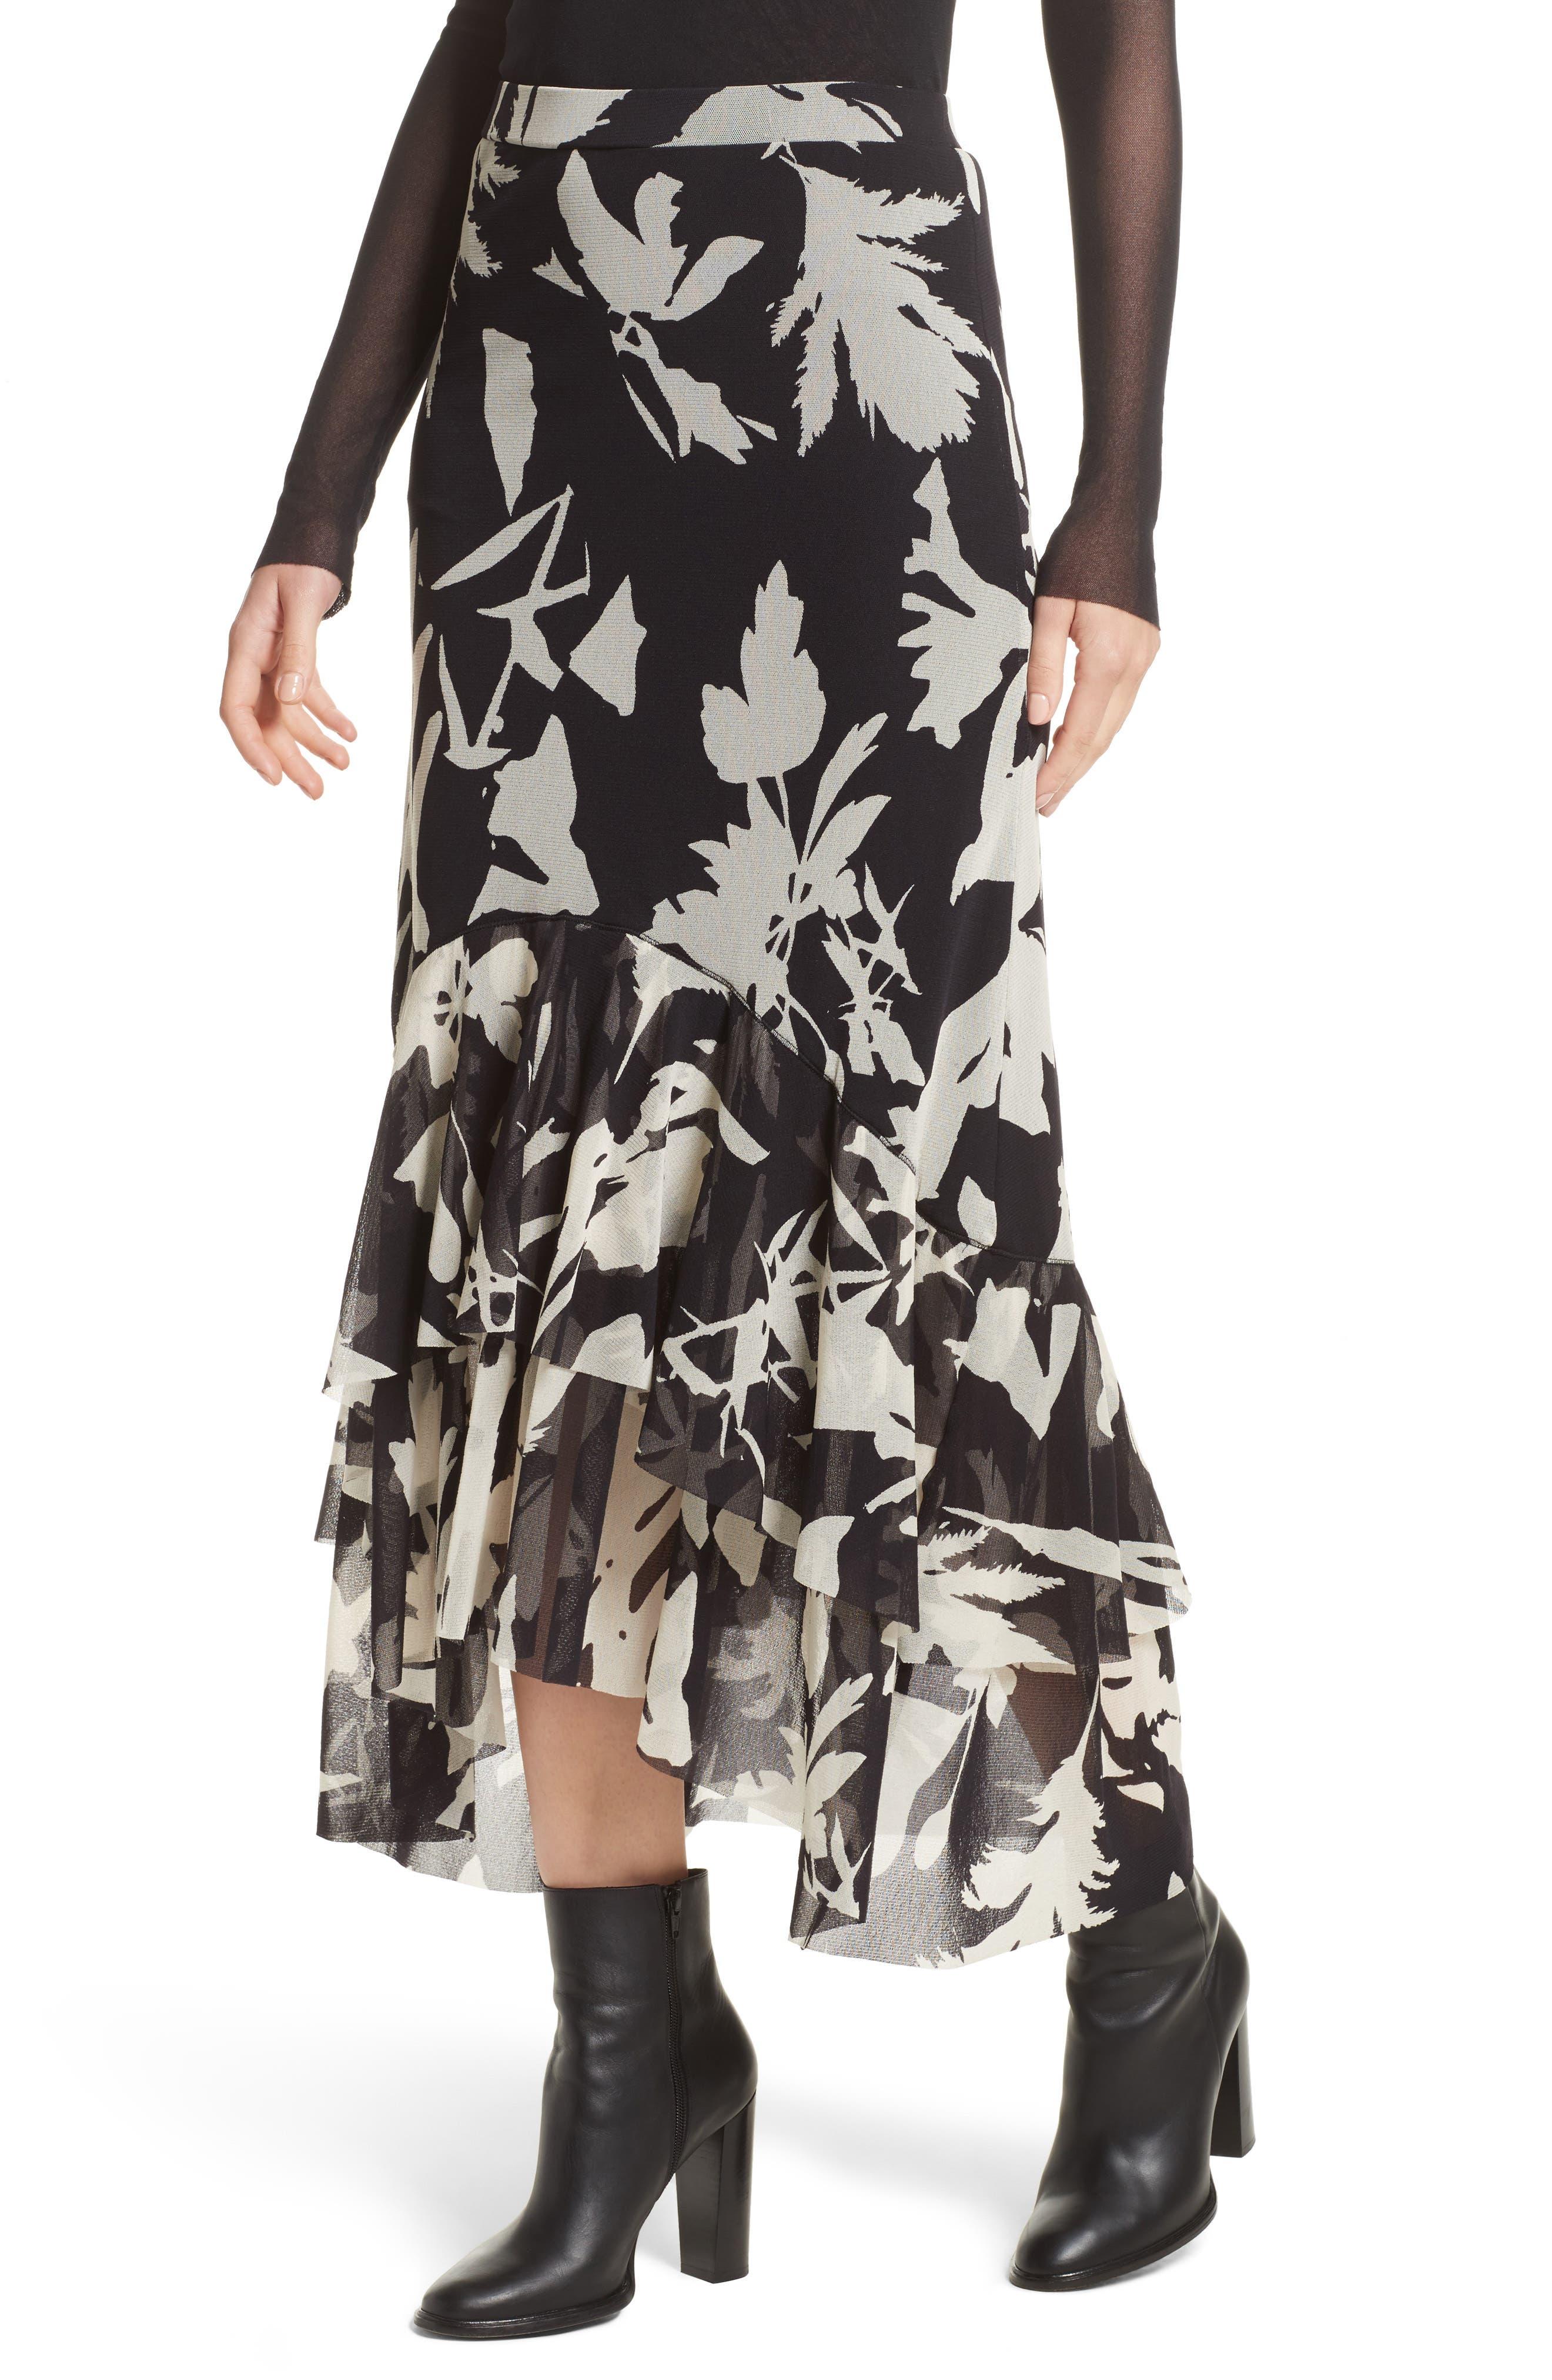 Floral Print Tulle Ruffle Skirt,                             Alternate thumbnail 6, color,                             Black/ White